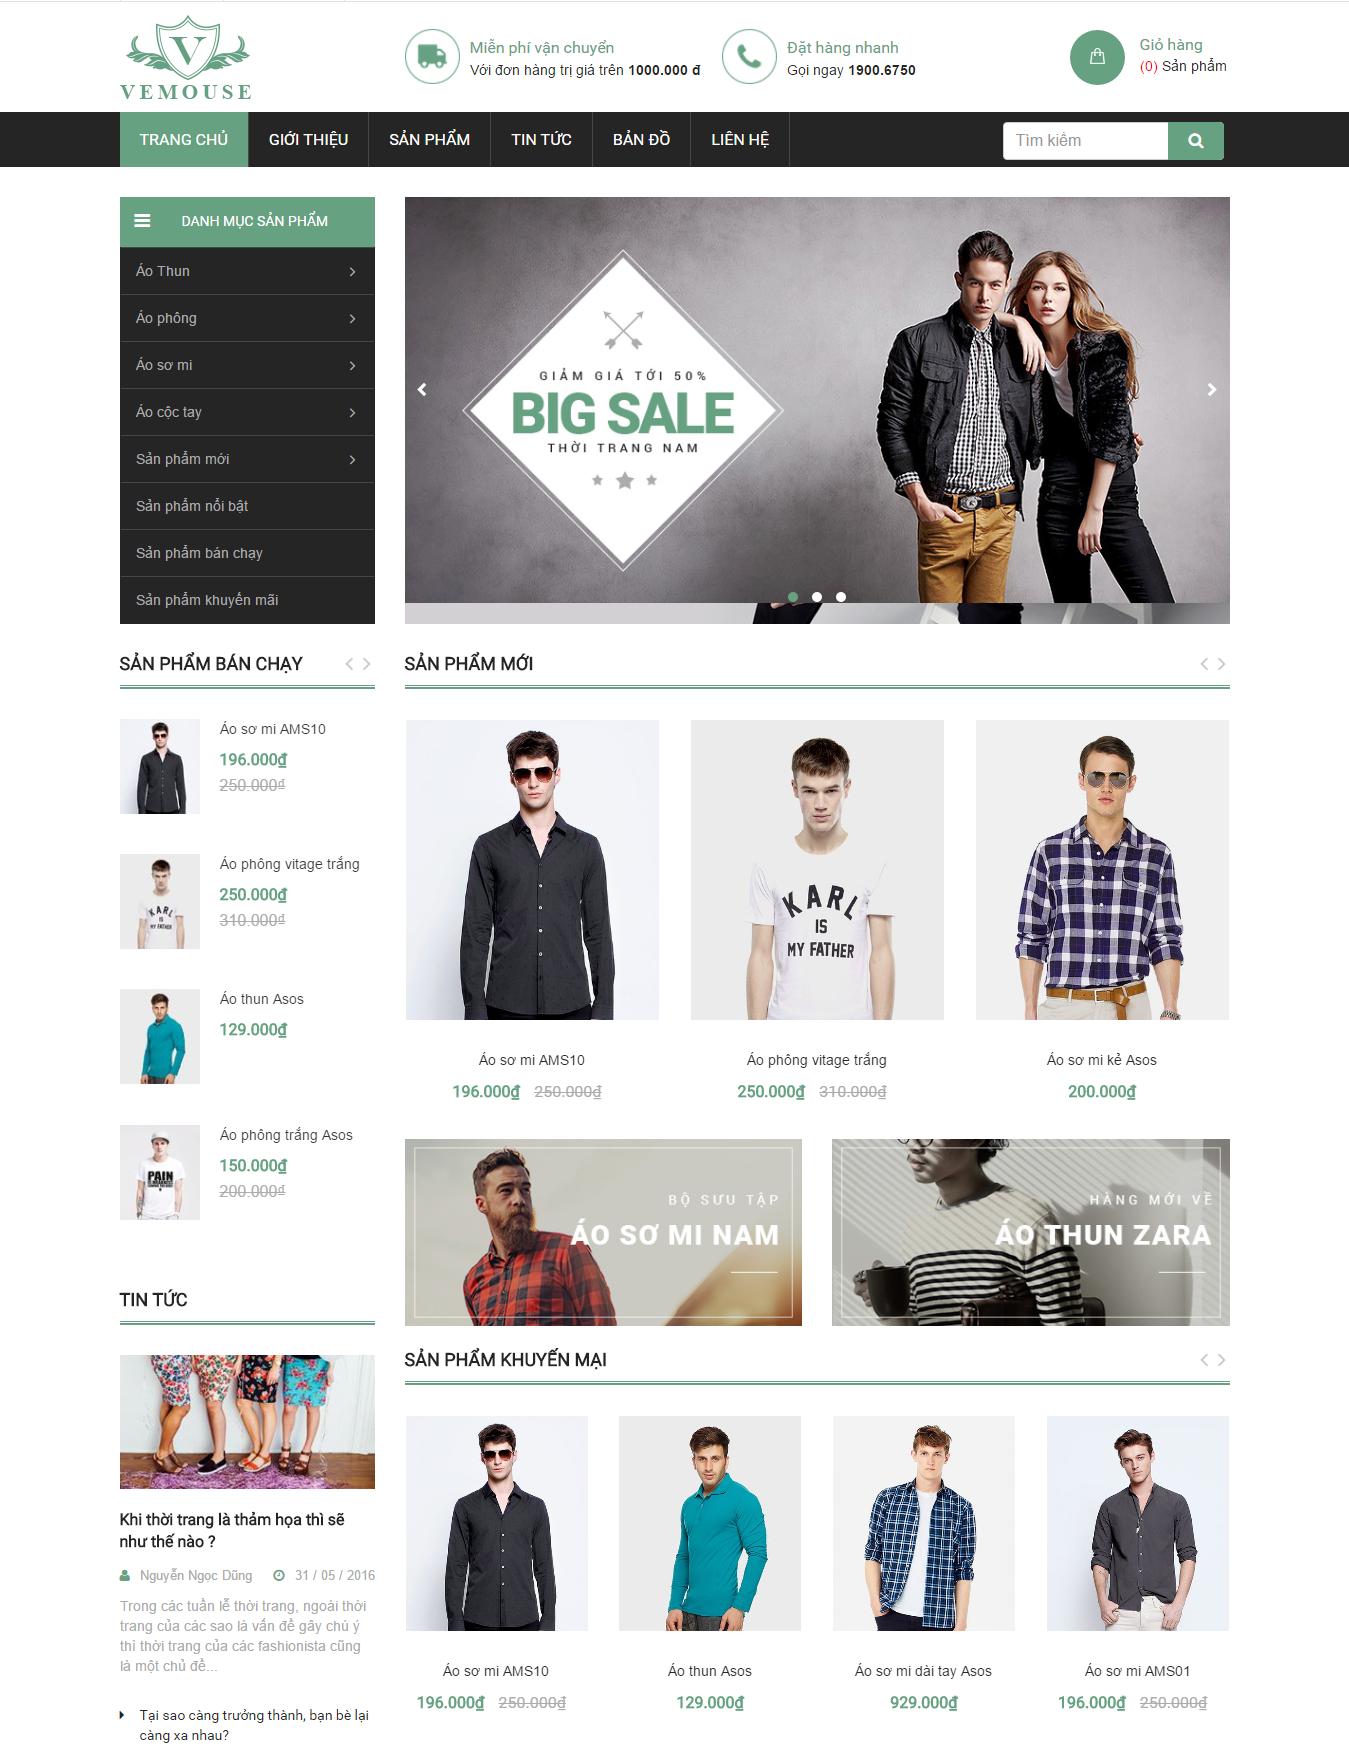 cách bán hàng online hiệu quả nhất